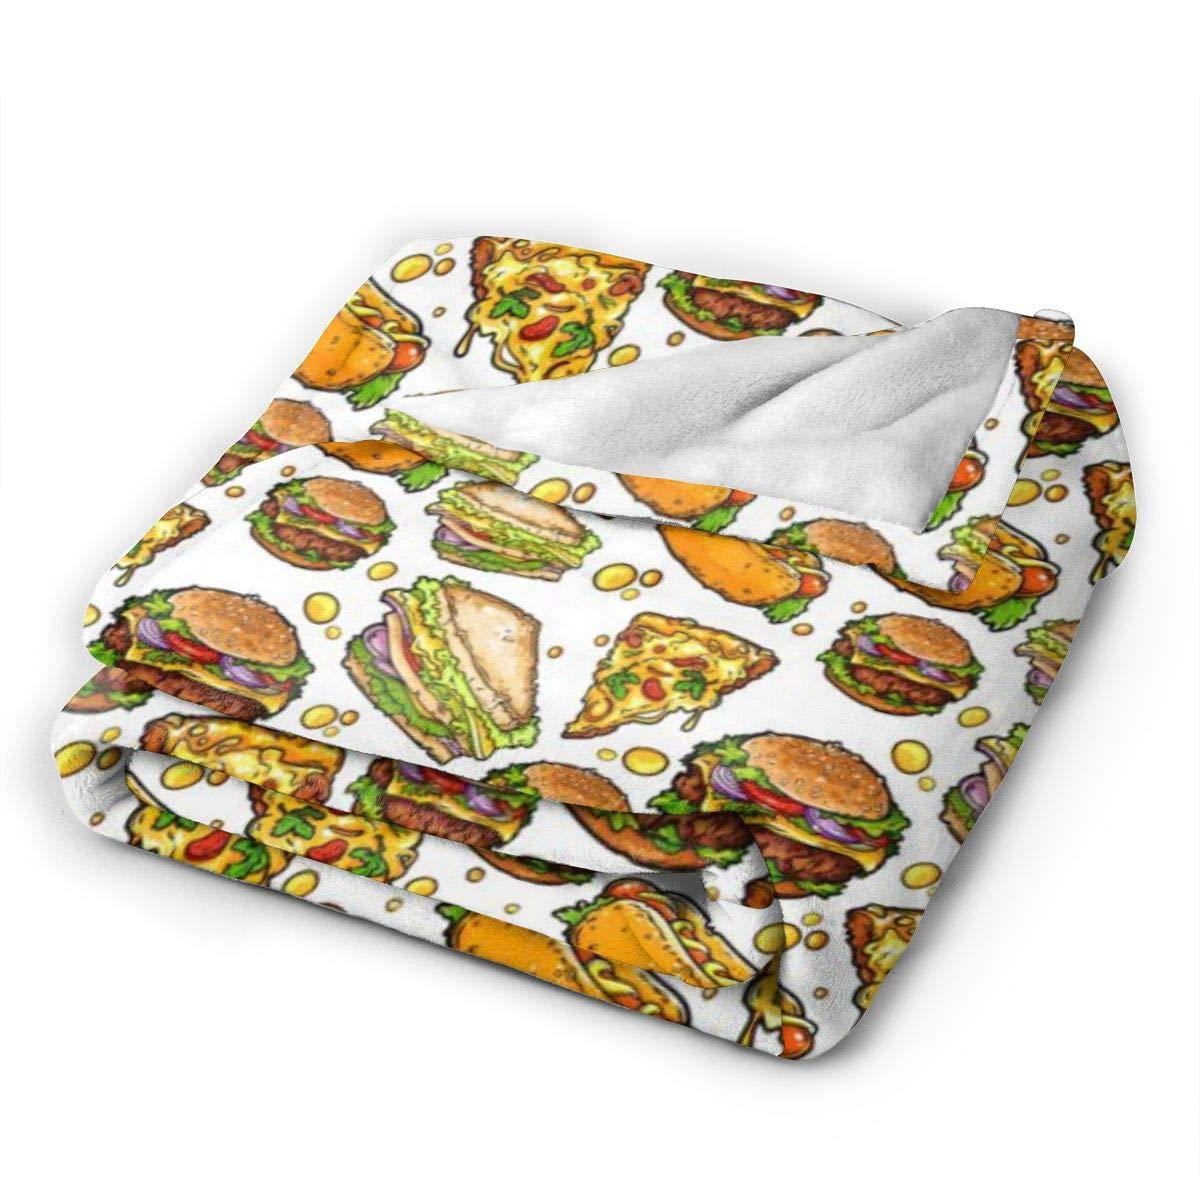 ハンバーガーピザホットドッグ ブランケット 毛布 暖かい 柔らかい 軽量 オフィス用 車用 三つのサイズ